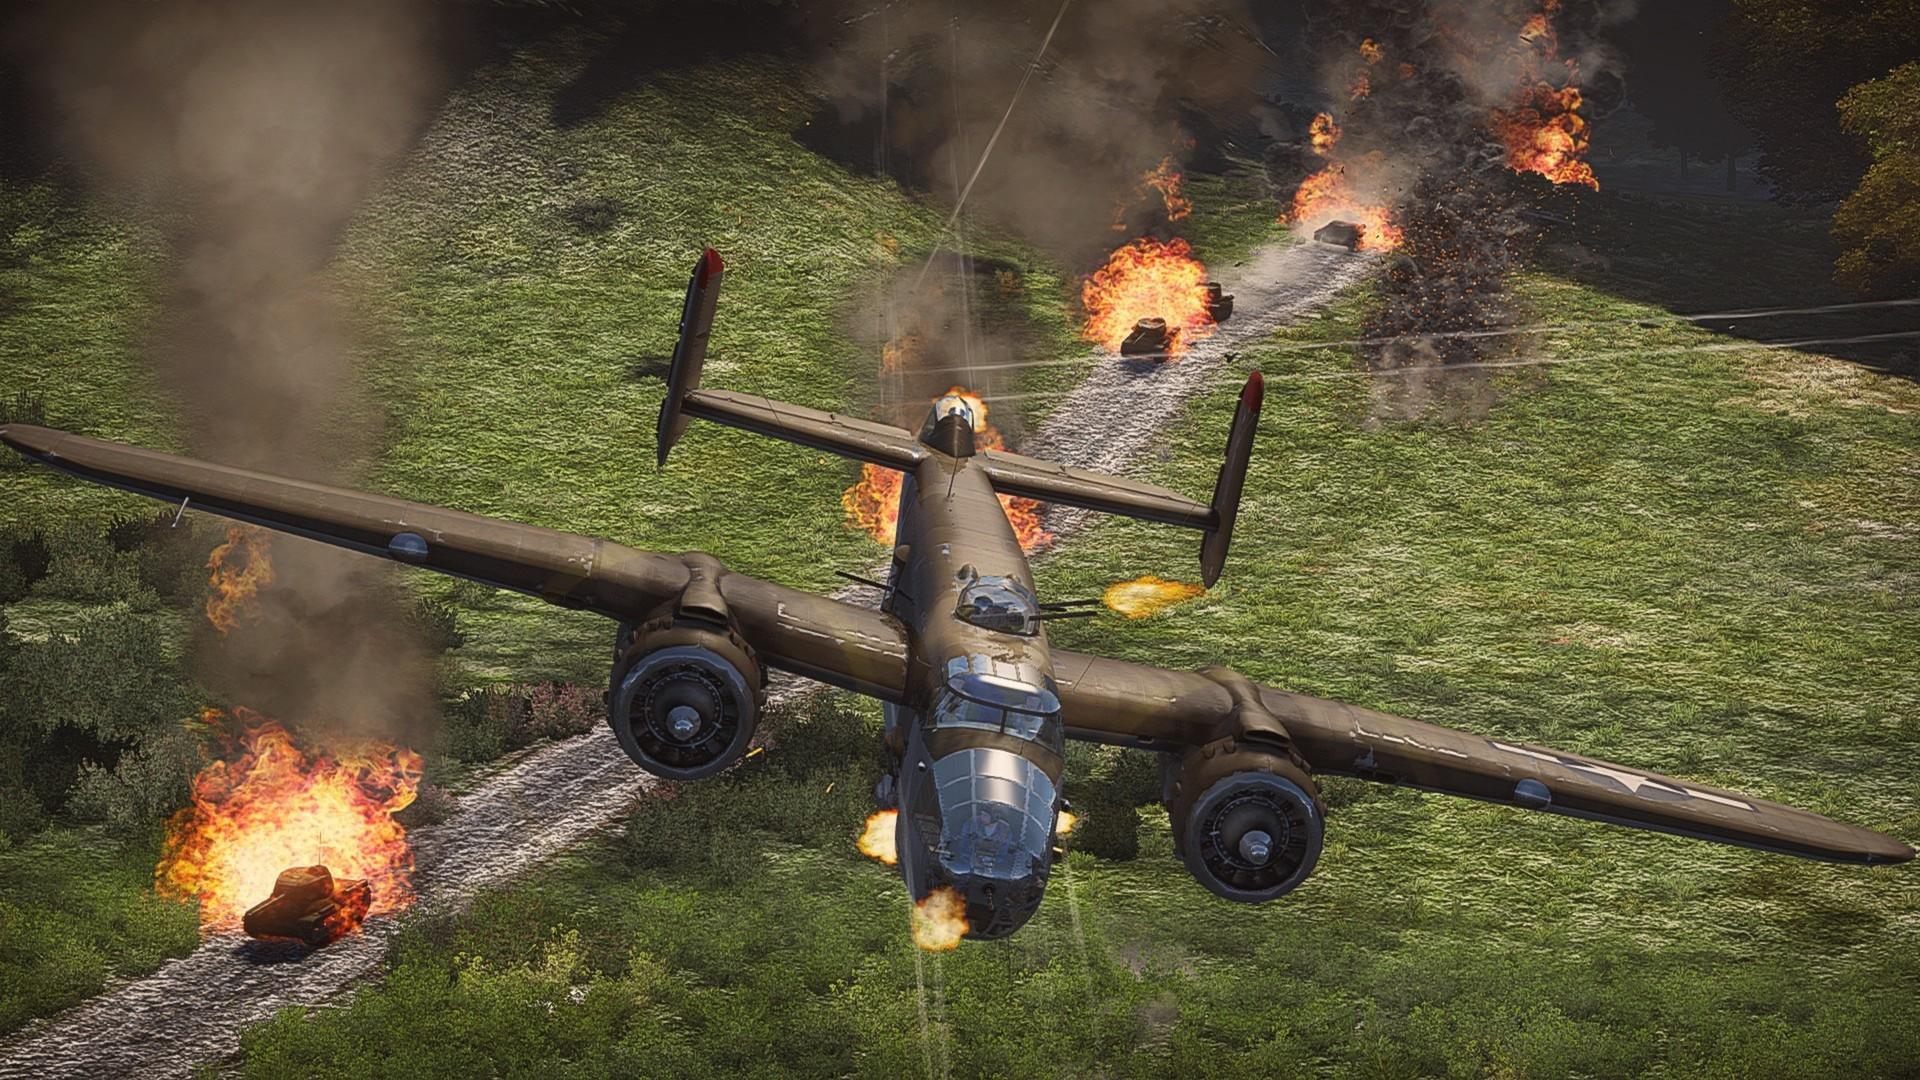 Veamos ahora este precioso trailer CGI de War Thunder [Vídeo]